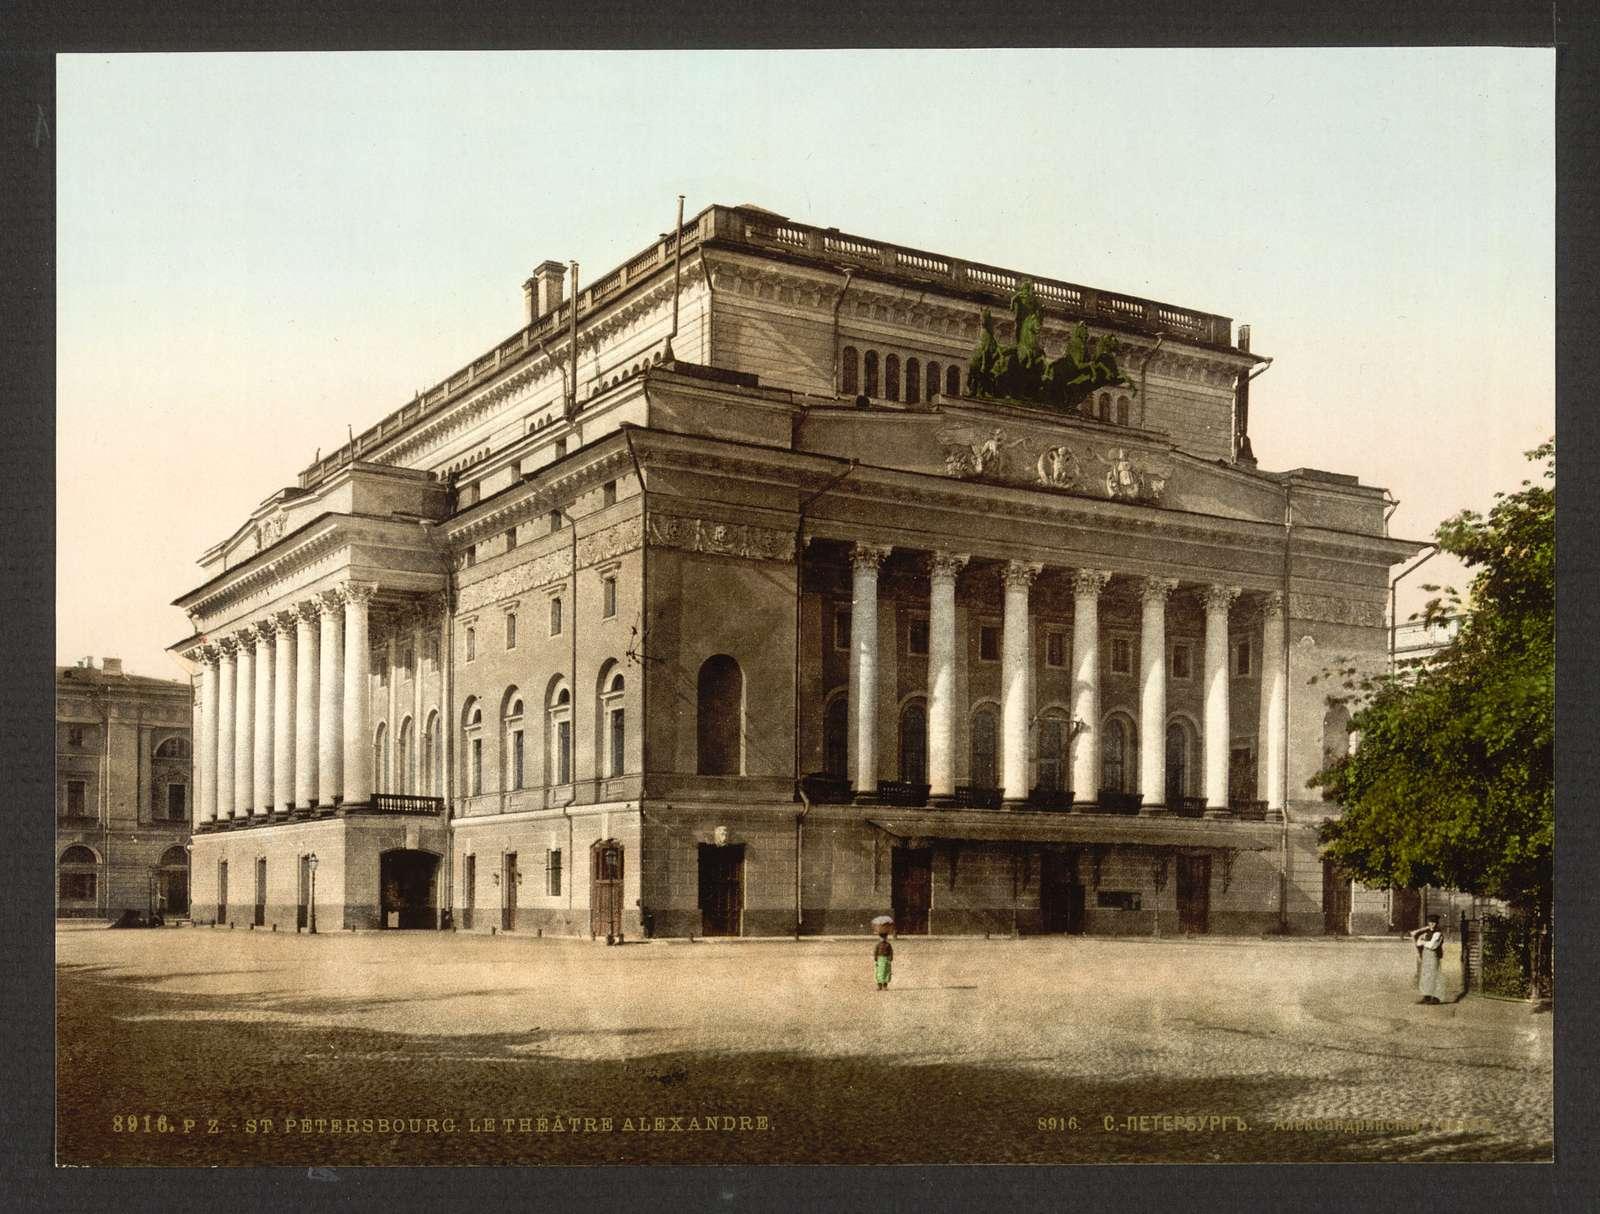 [Alexander Theatre, St. Petersburg, Russia]